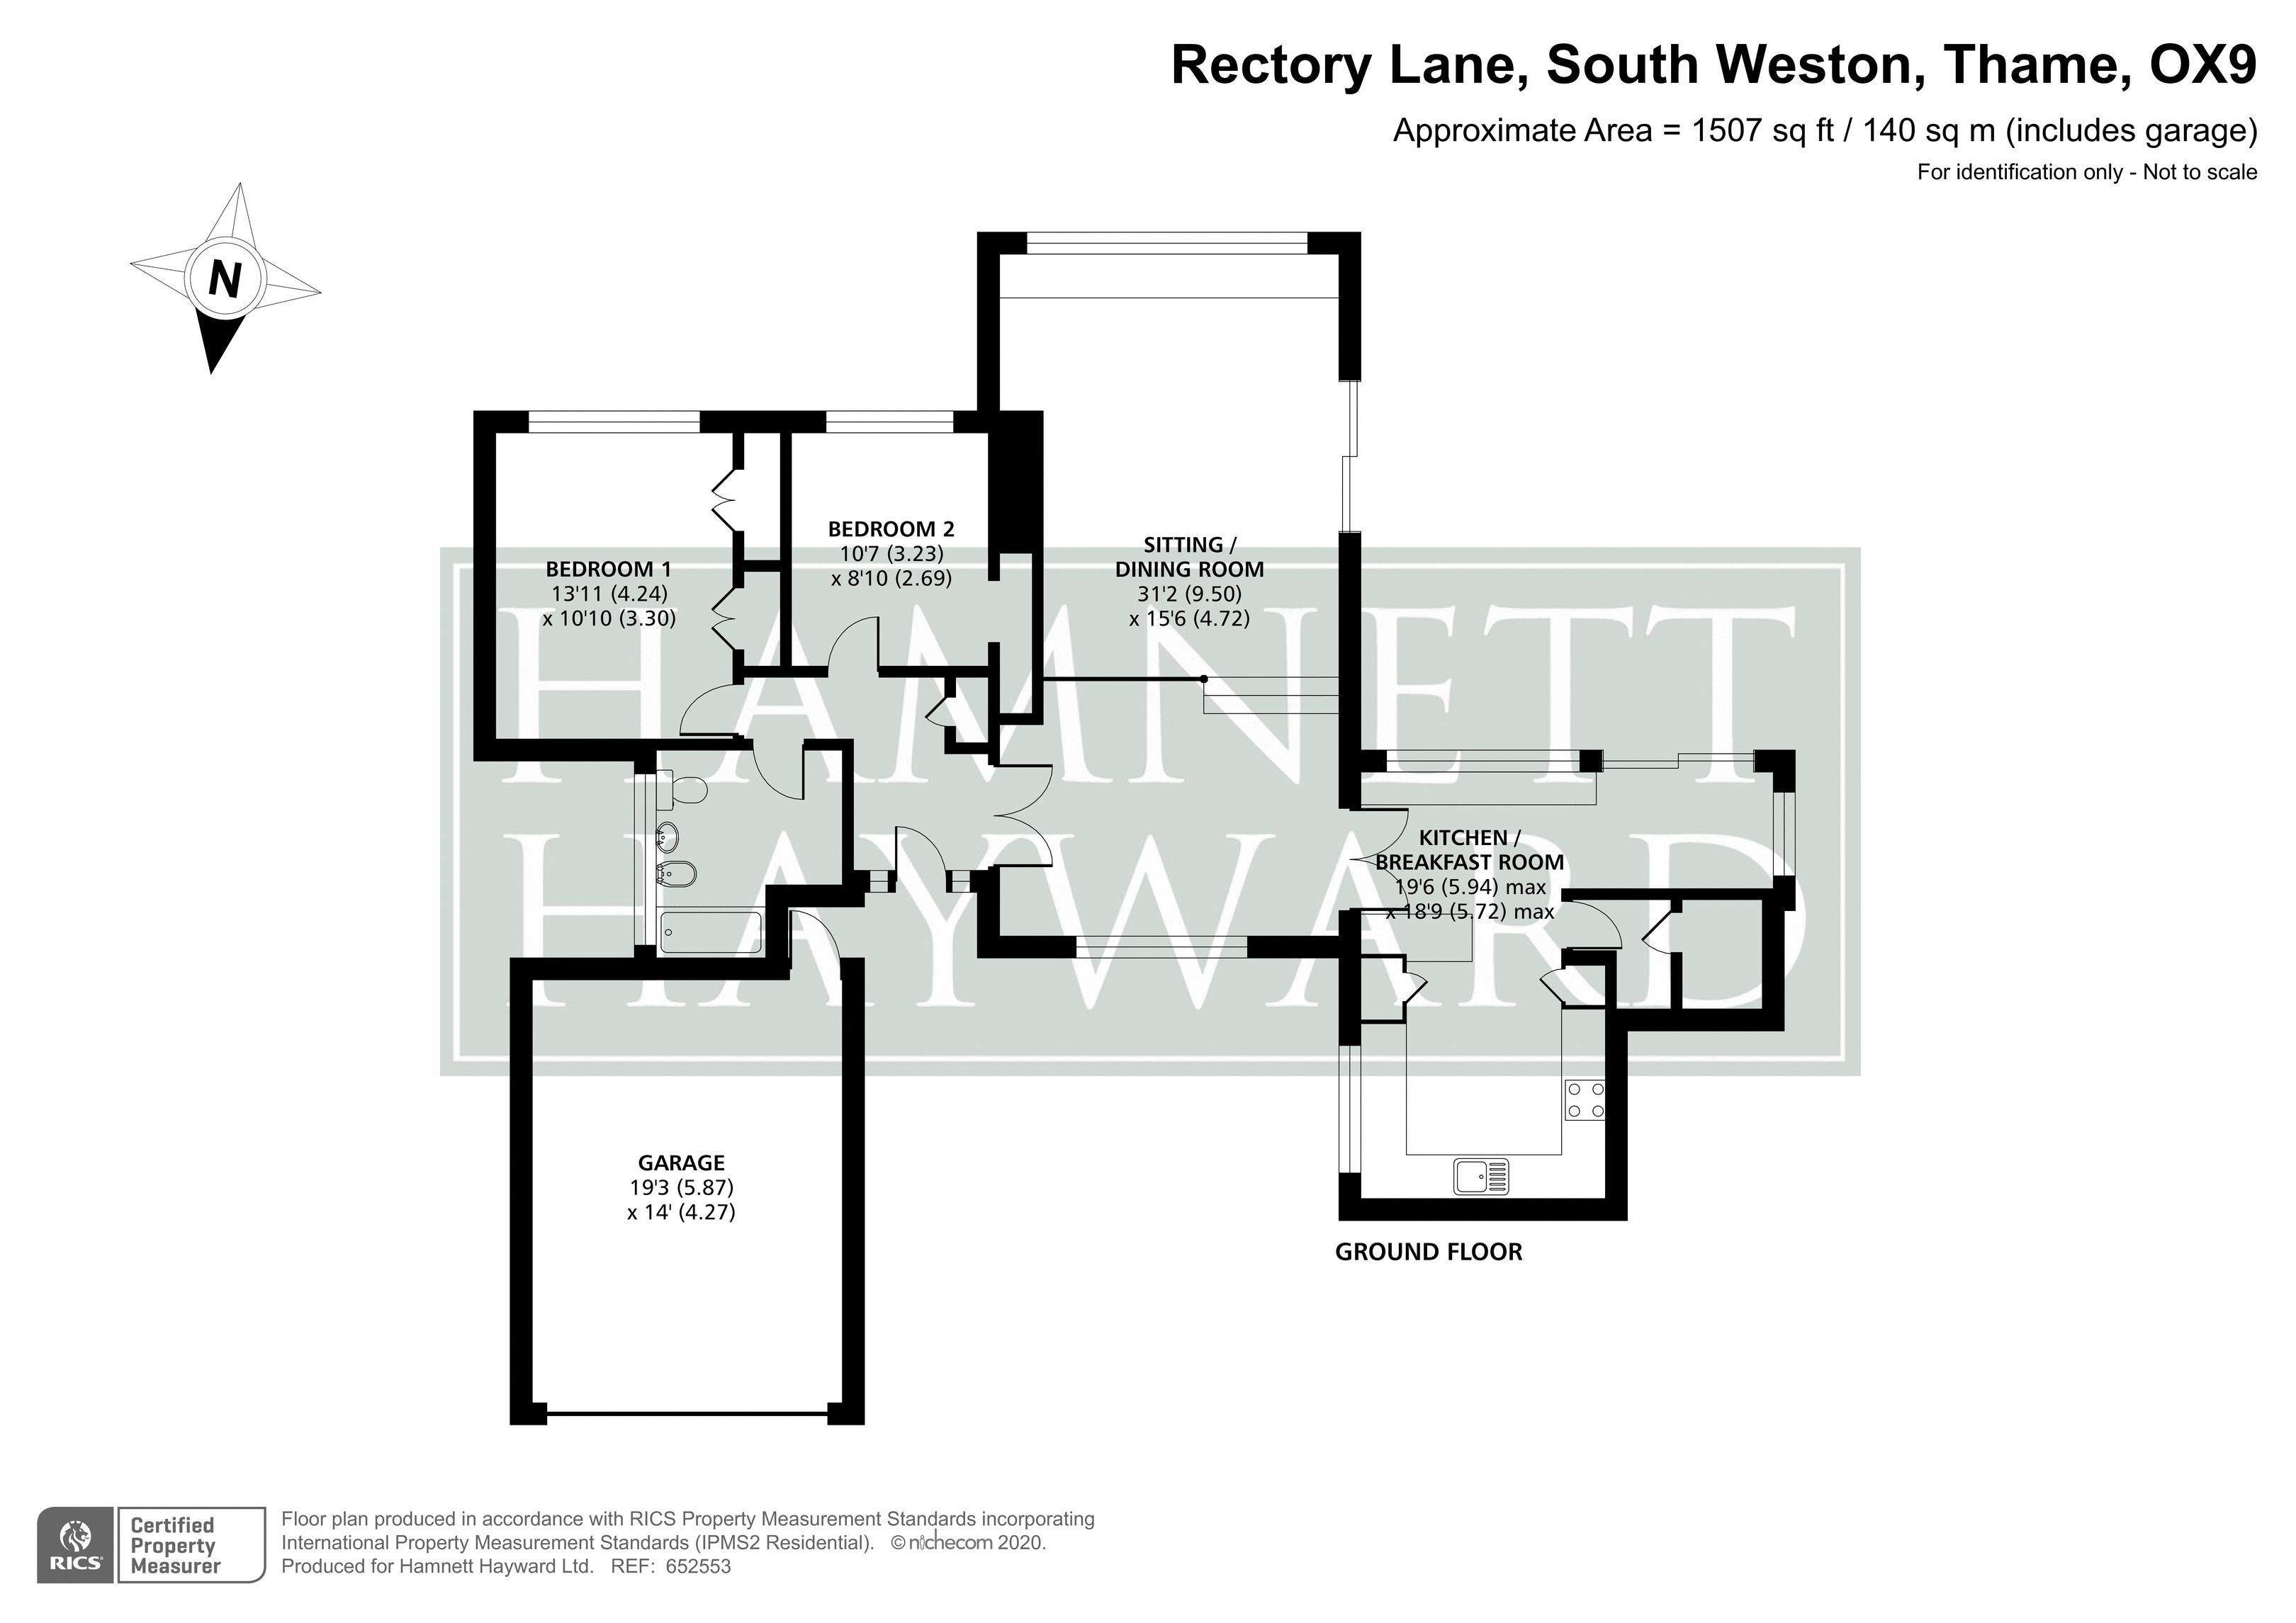 Rectory Lane South Weston